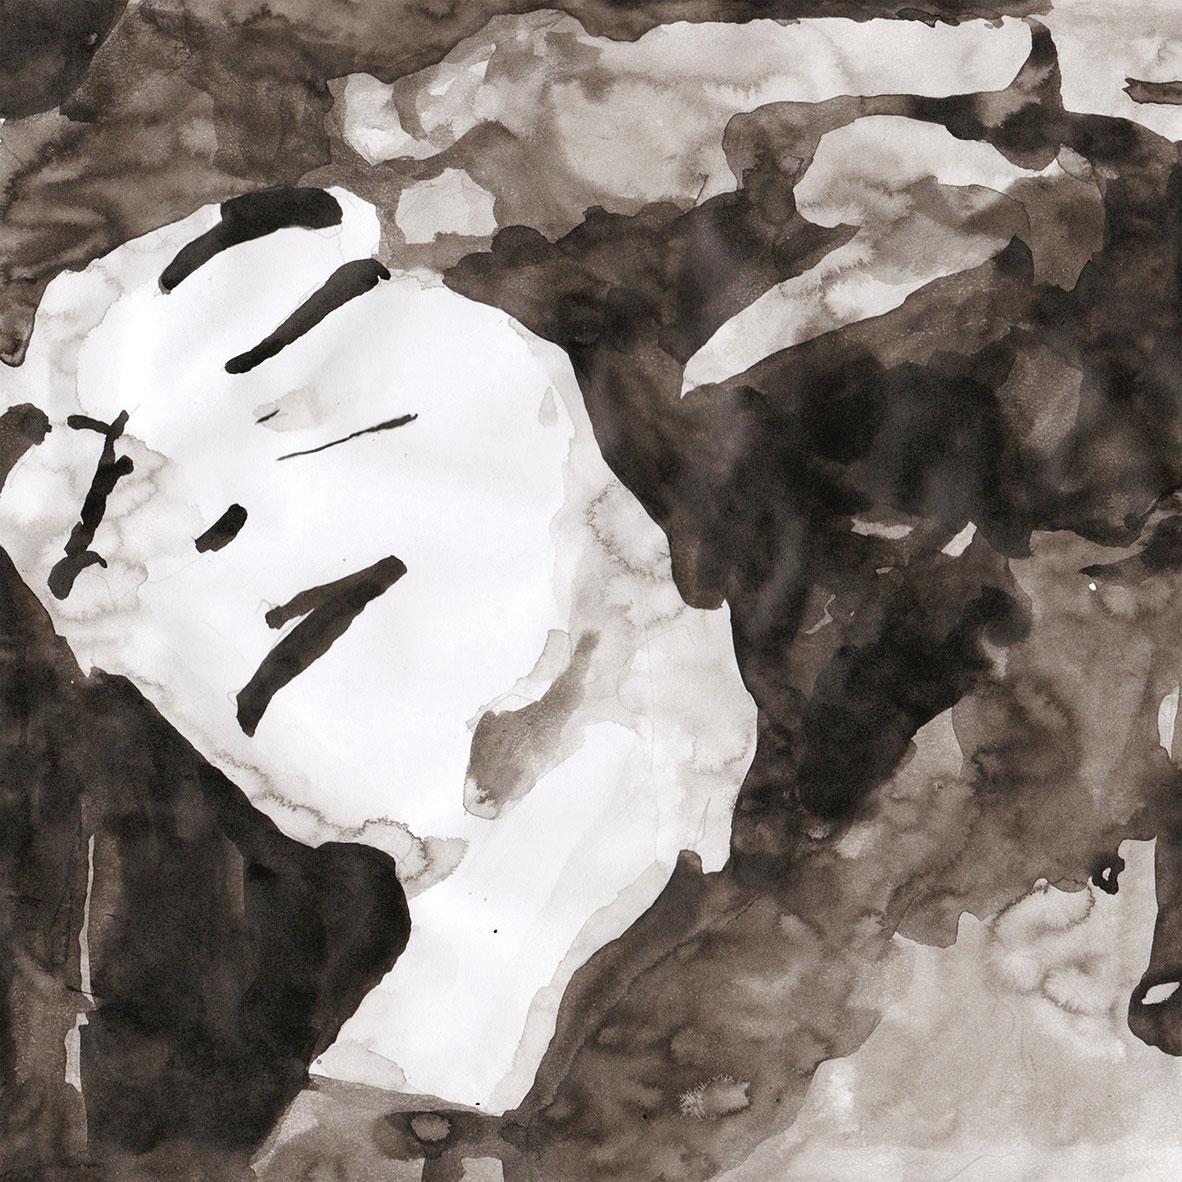 <u> La caída de la casa de Usher de Anna Ridler </u> (2017) <br> Una animación de 12 minutos basada en la película muda de Watson y Webber de 1928. Ridler creó los alambiques usando tres redes neuronales separadas: una entrenada en sus dibujos, otra entrenada en dibujos hechos con los resultados de la primera red, y una tercera entrenada en dibujos hechos de los resultados de la segunda.